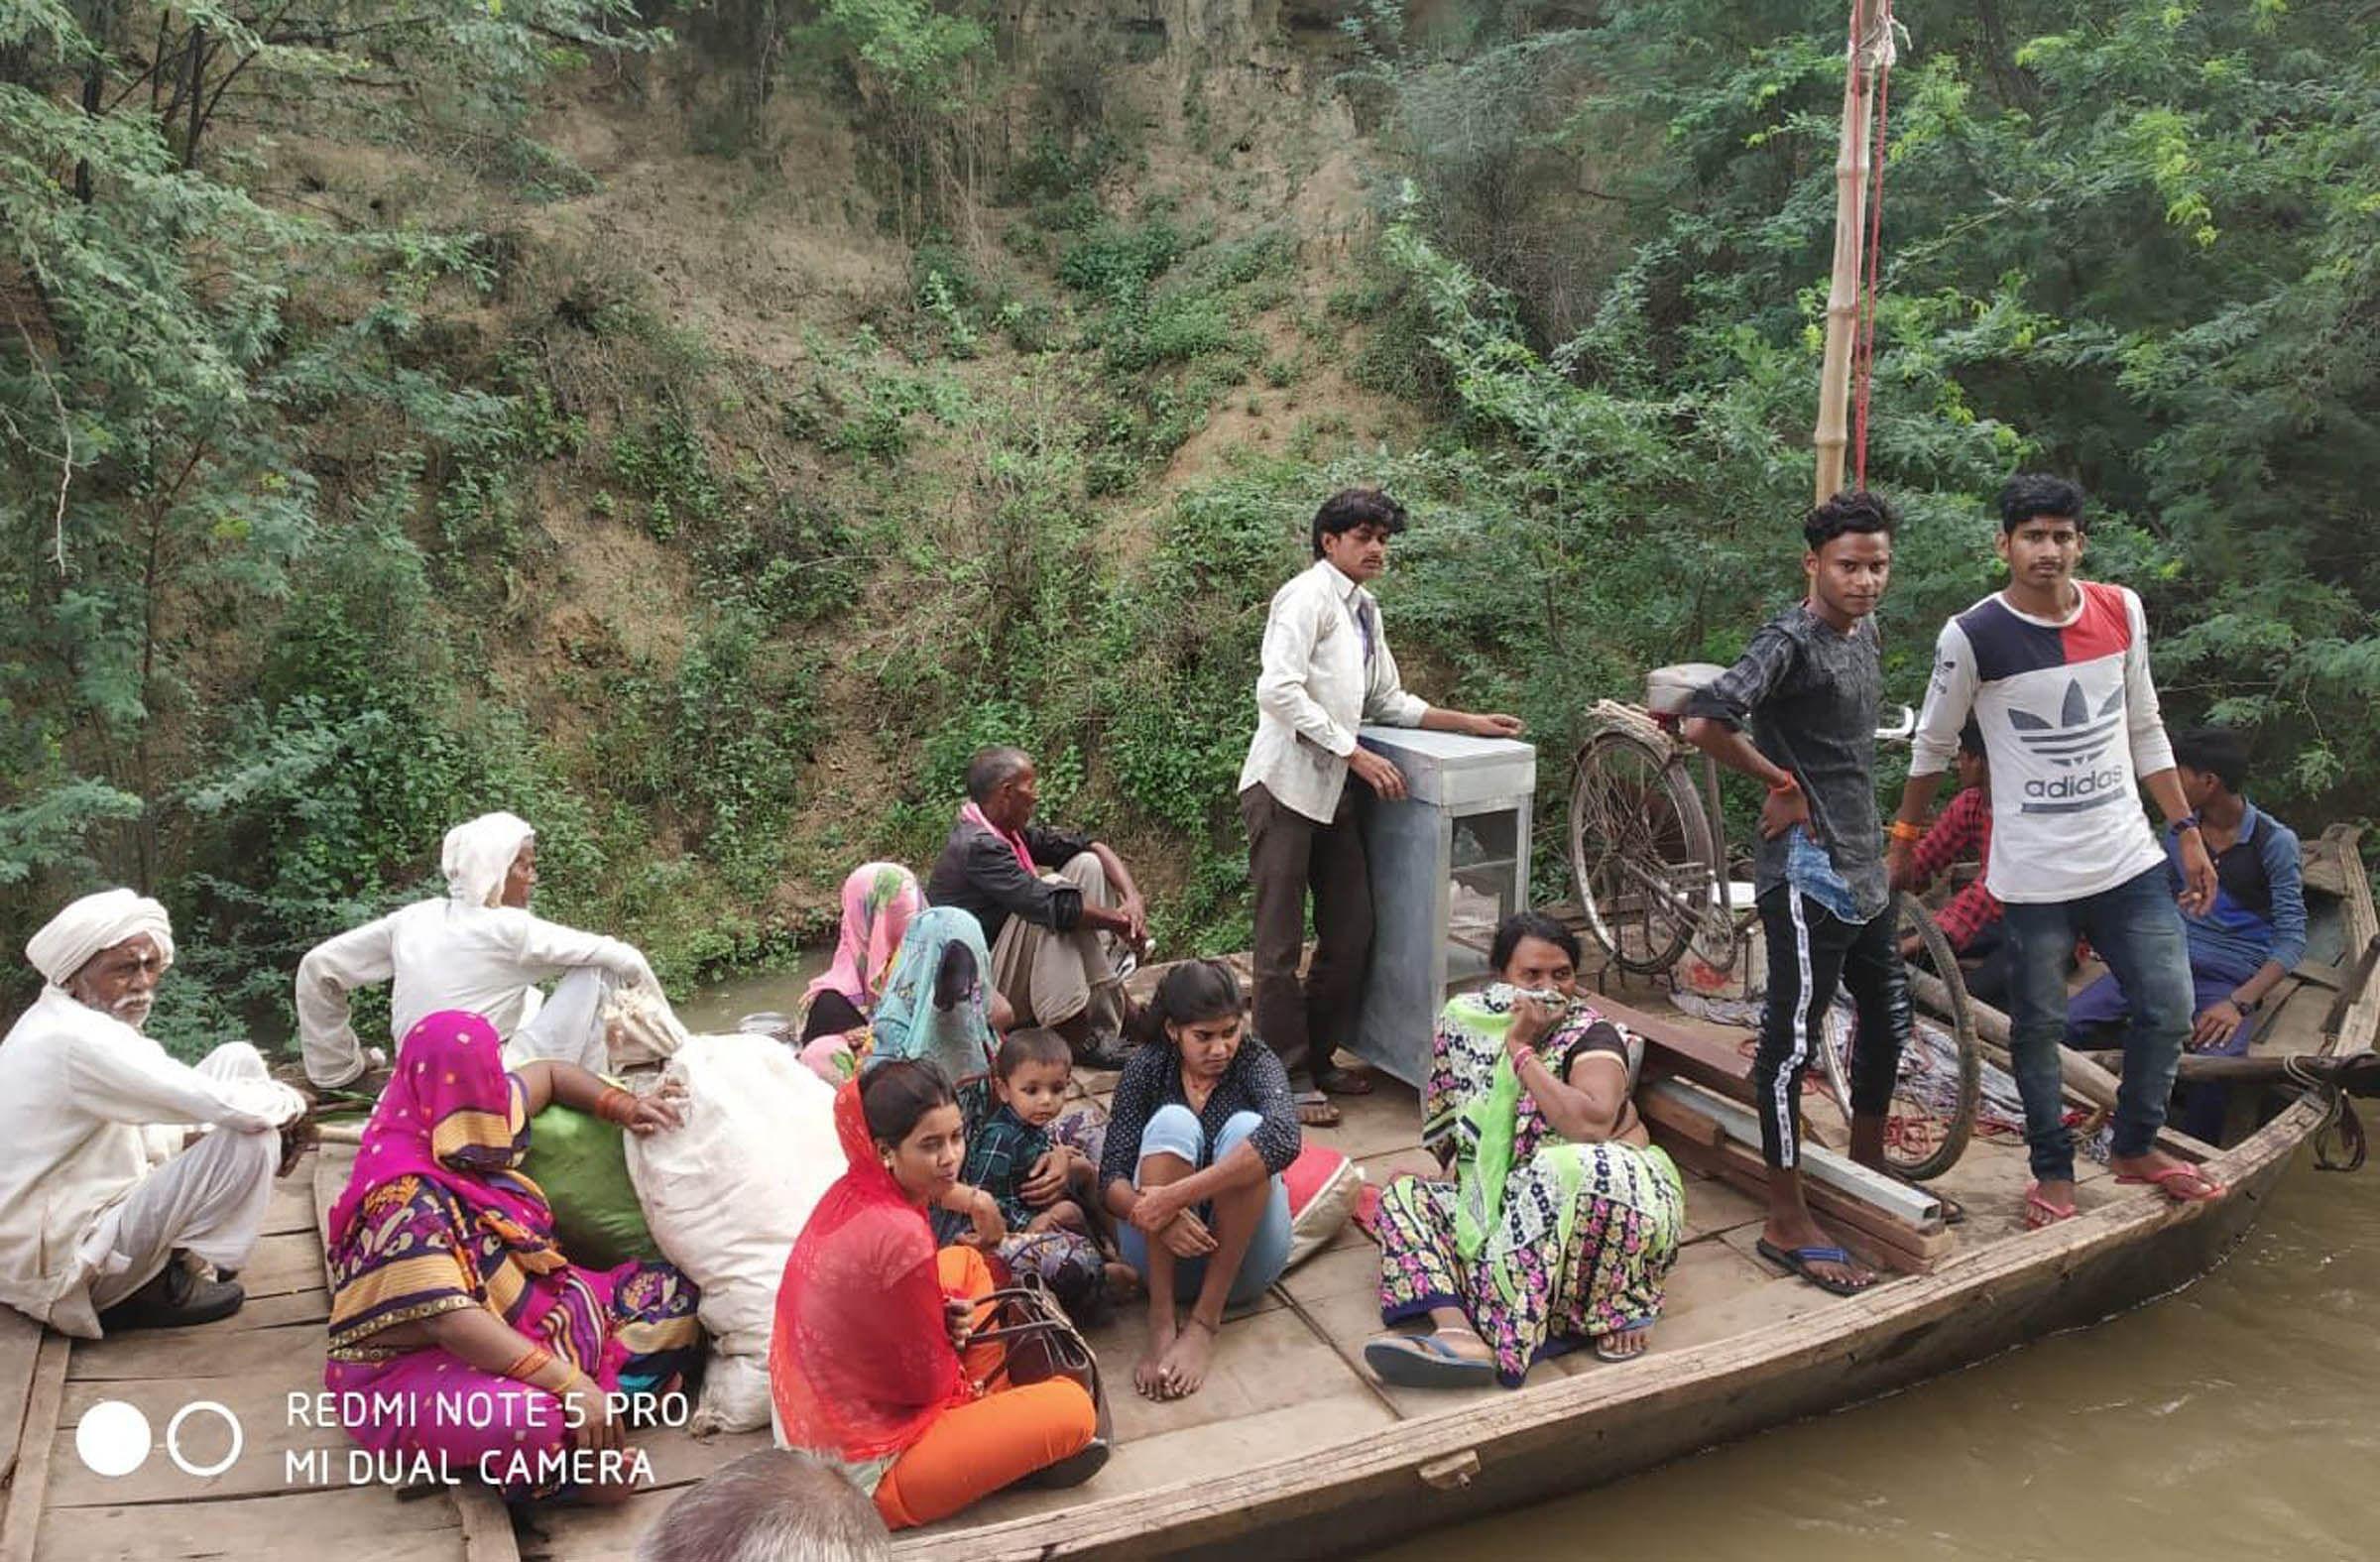 नाव से सुरक्षित स्थानों पर जाते बाढ़ प्रभावित।